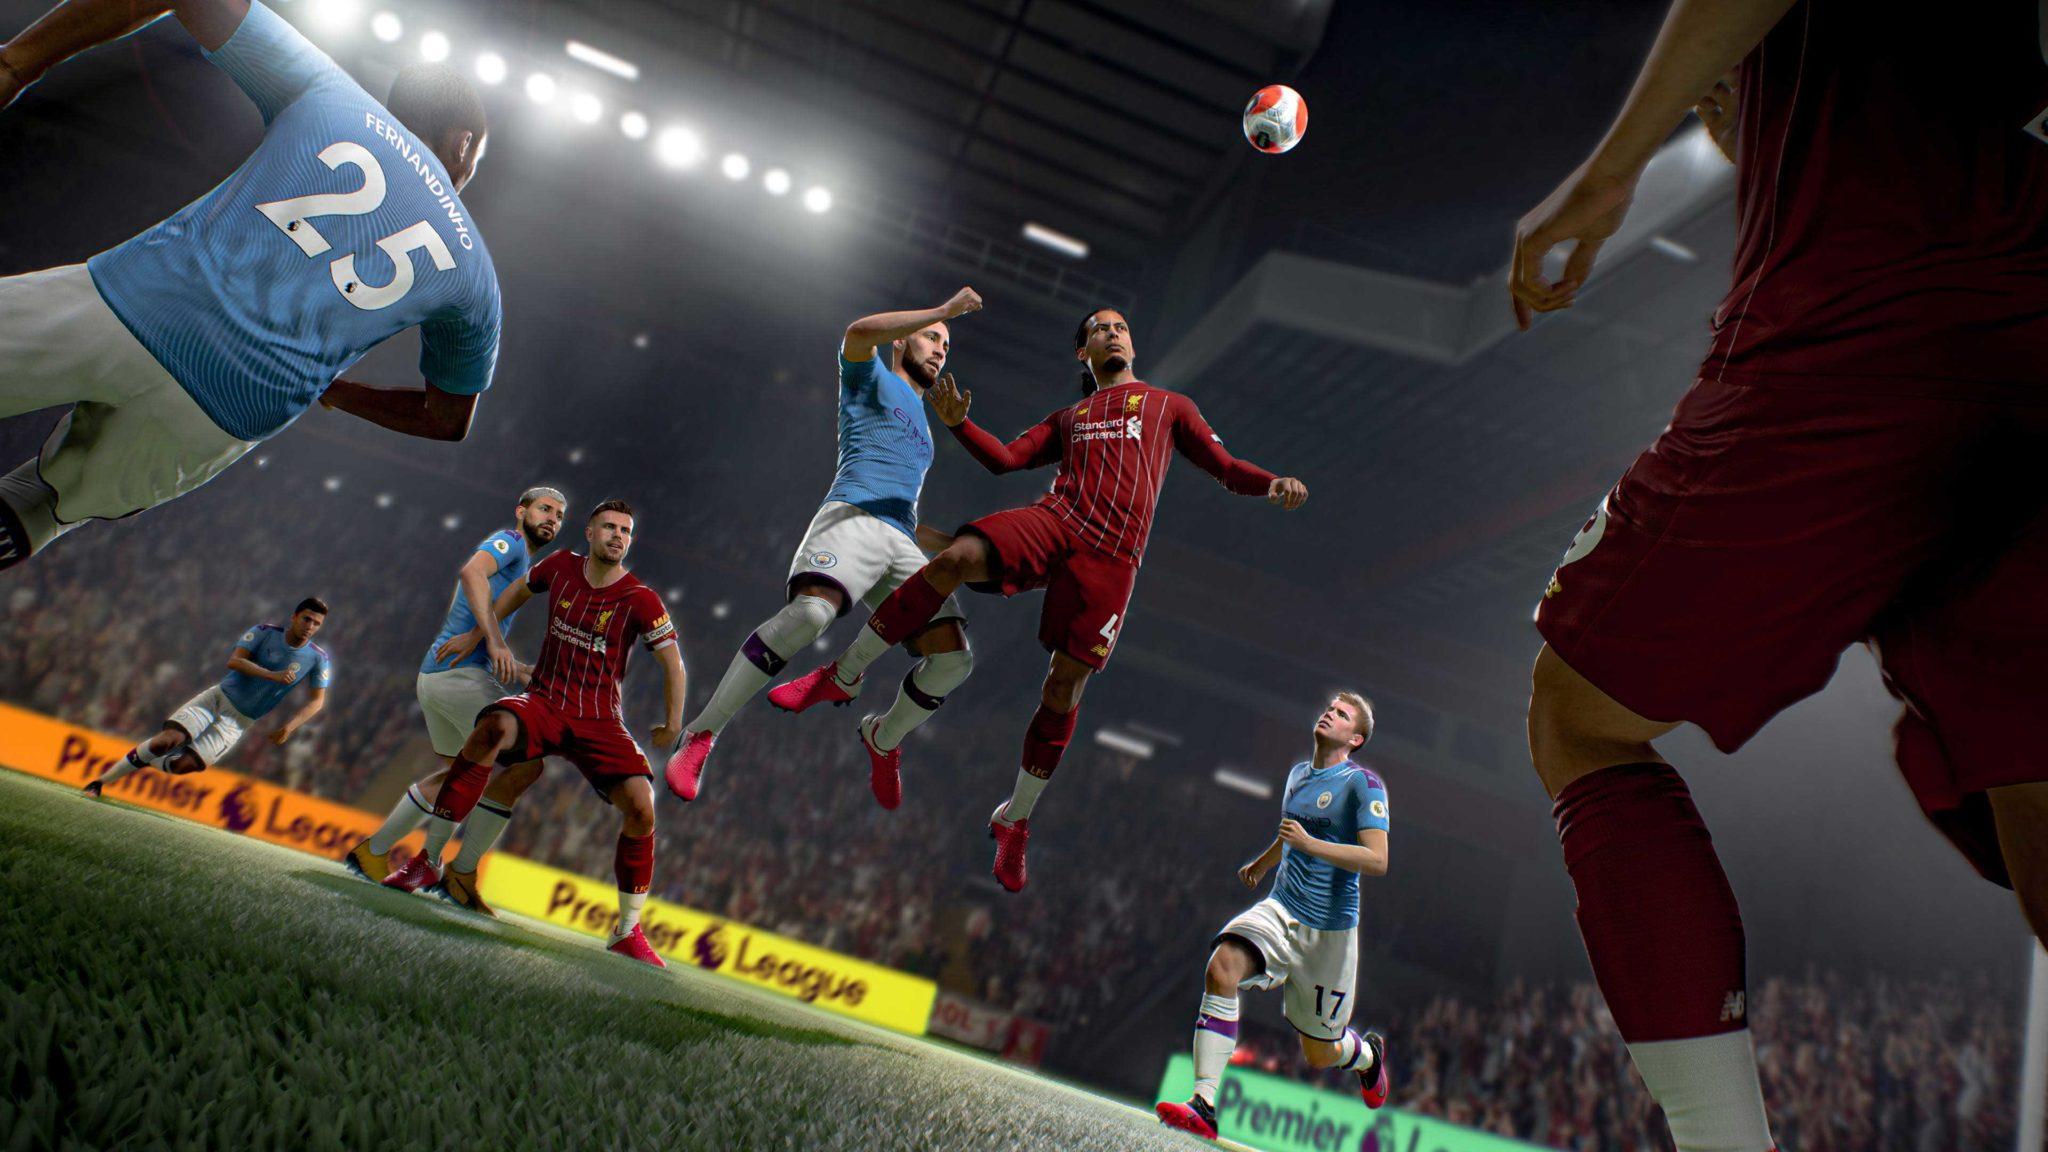 Virgil van Dijk in FIFA 21